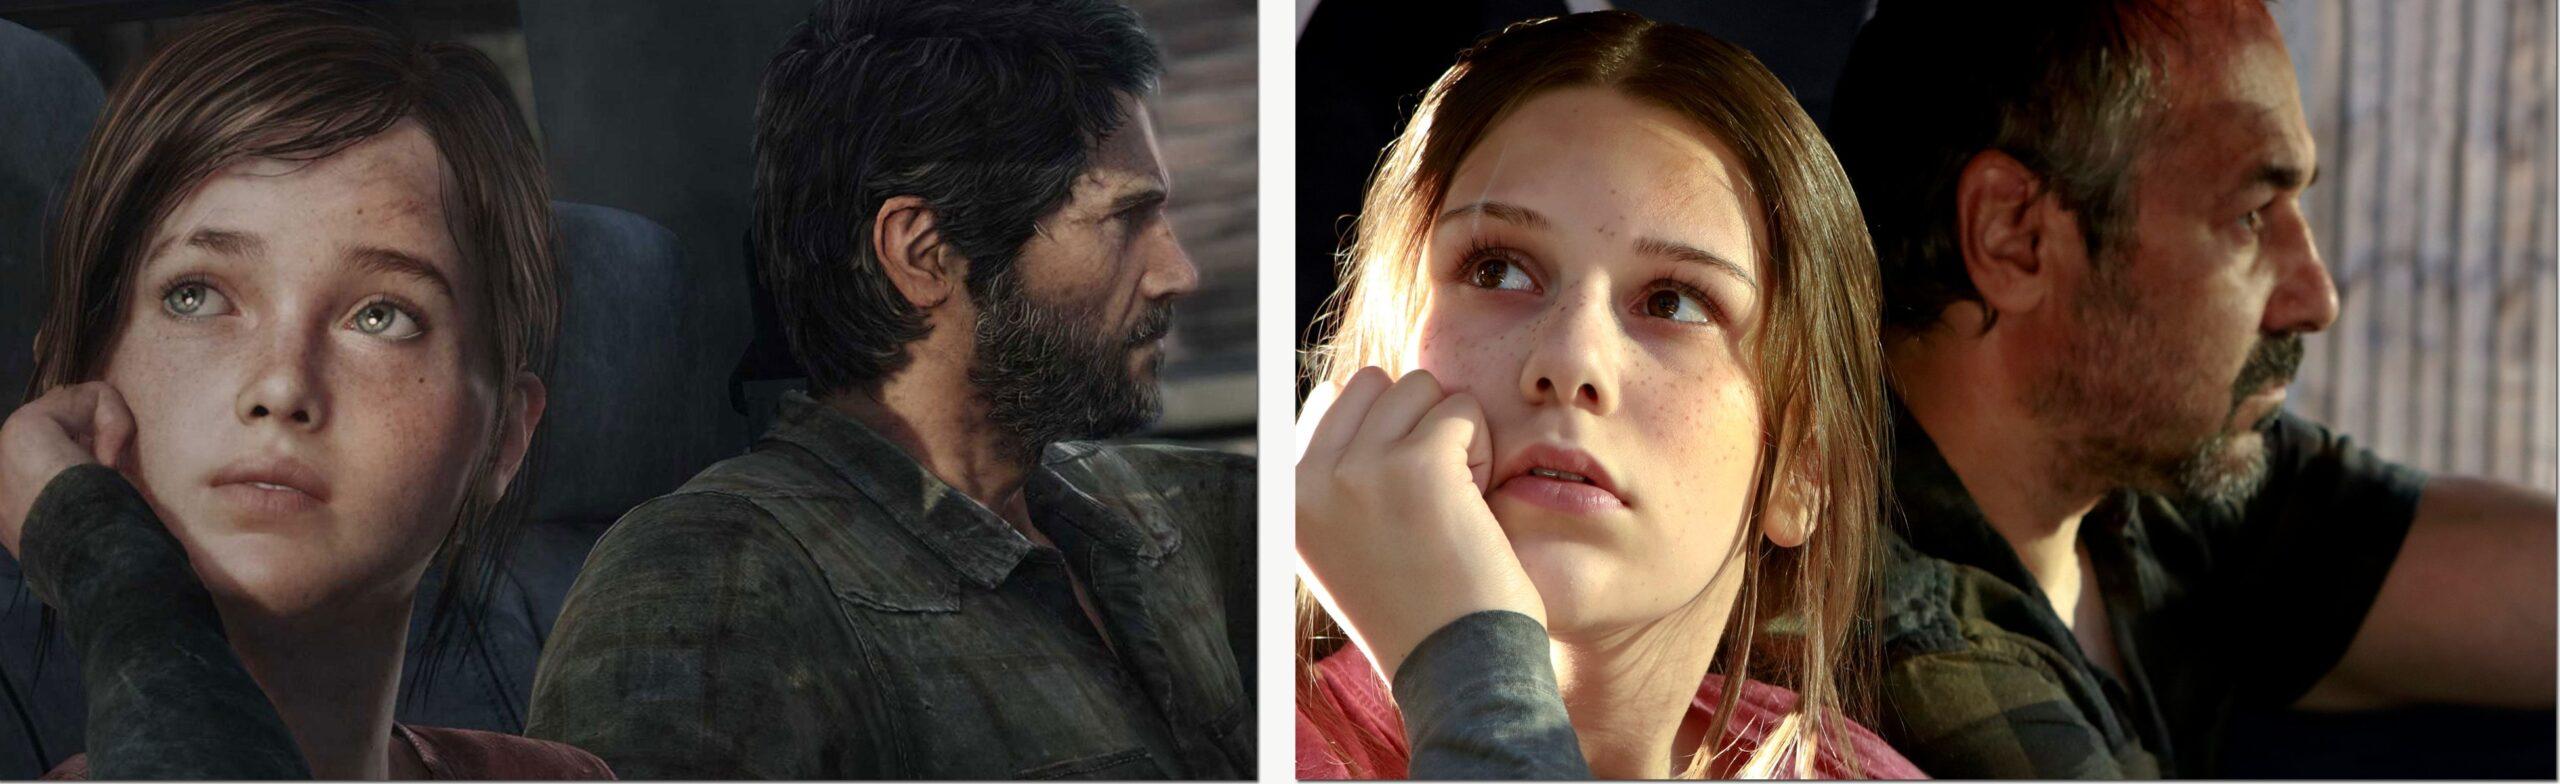 Ellie & Joel - The Last of Us / Izzy & Nigel - The Last of Us